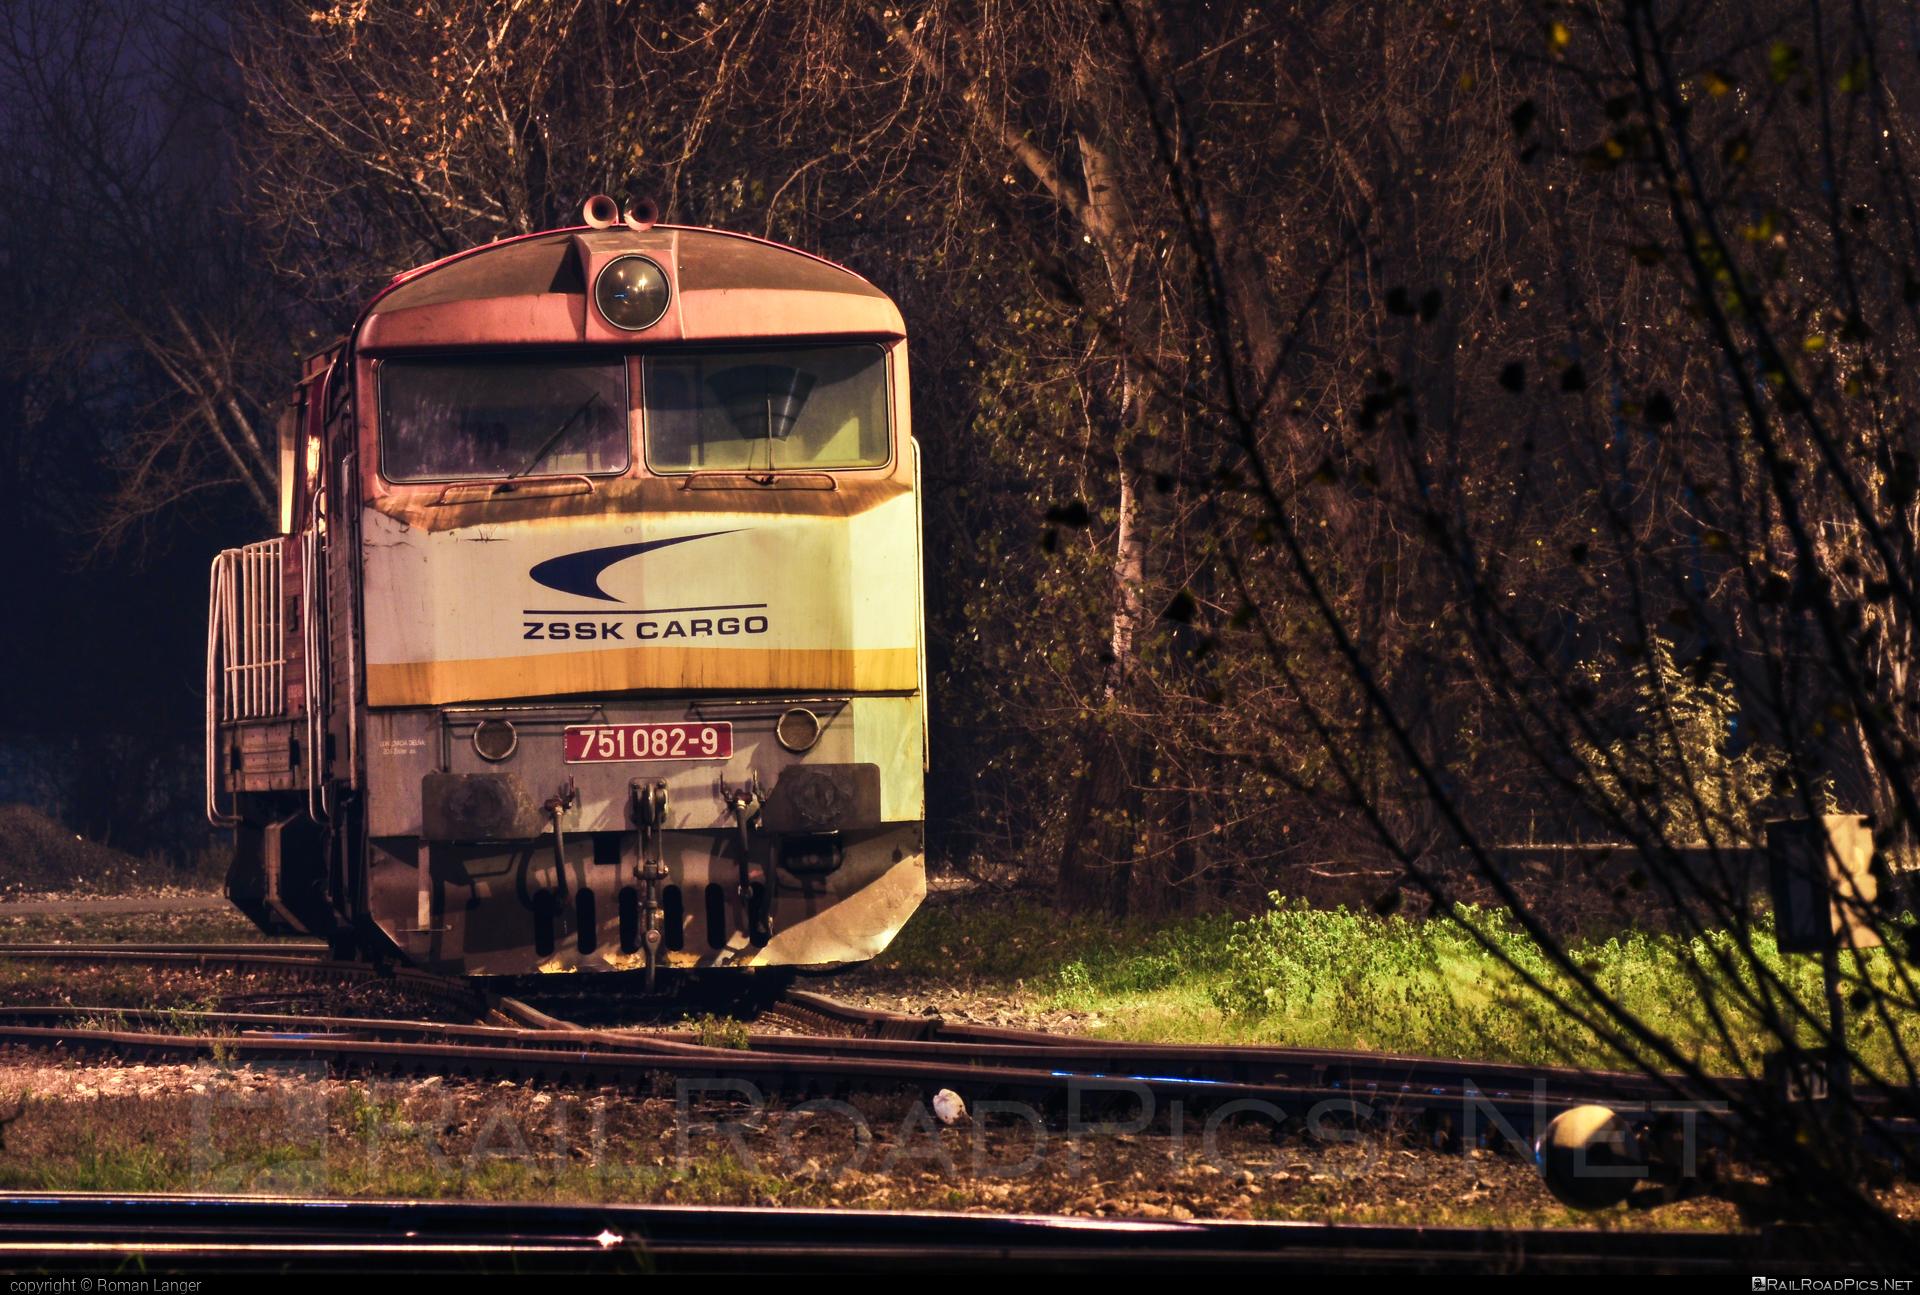 ČKD T 478.1 (751) - 751 082-9 operated by Železničná Spoločnost' Cargo Slovakia a.s. #ZeleznicnaSpolocnostCargoSlovakia #bardotka #ckd #ckd4781 #ckd751 #ckdt4781 #zamracena #zsskcargo